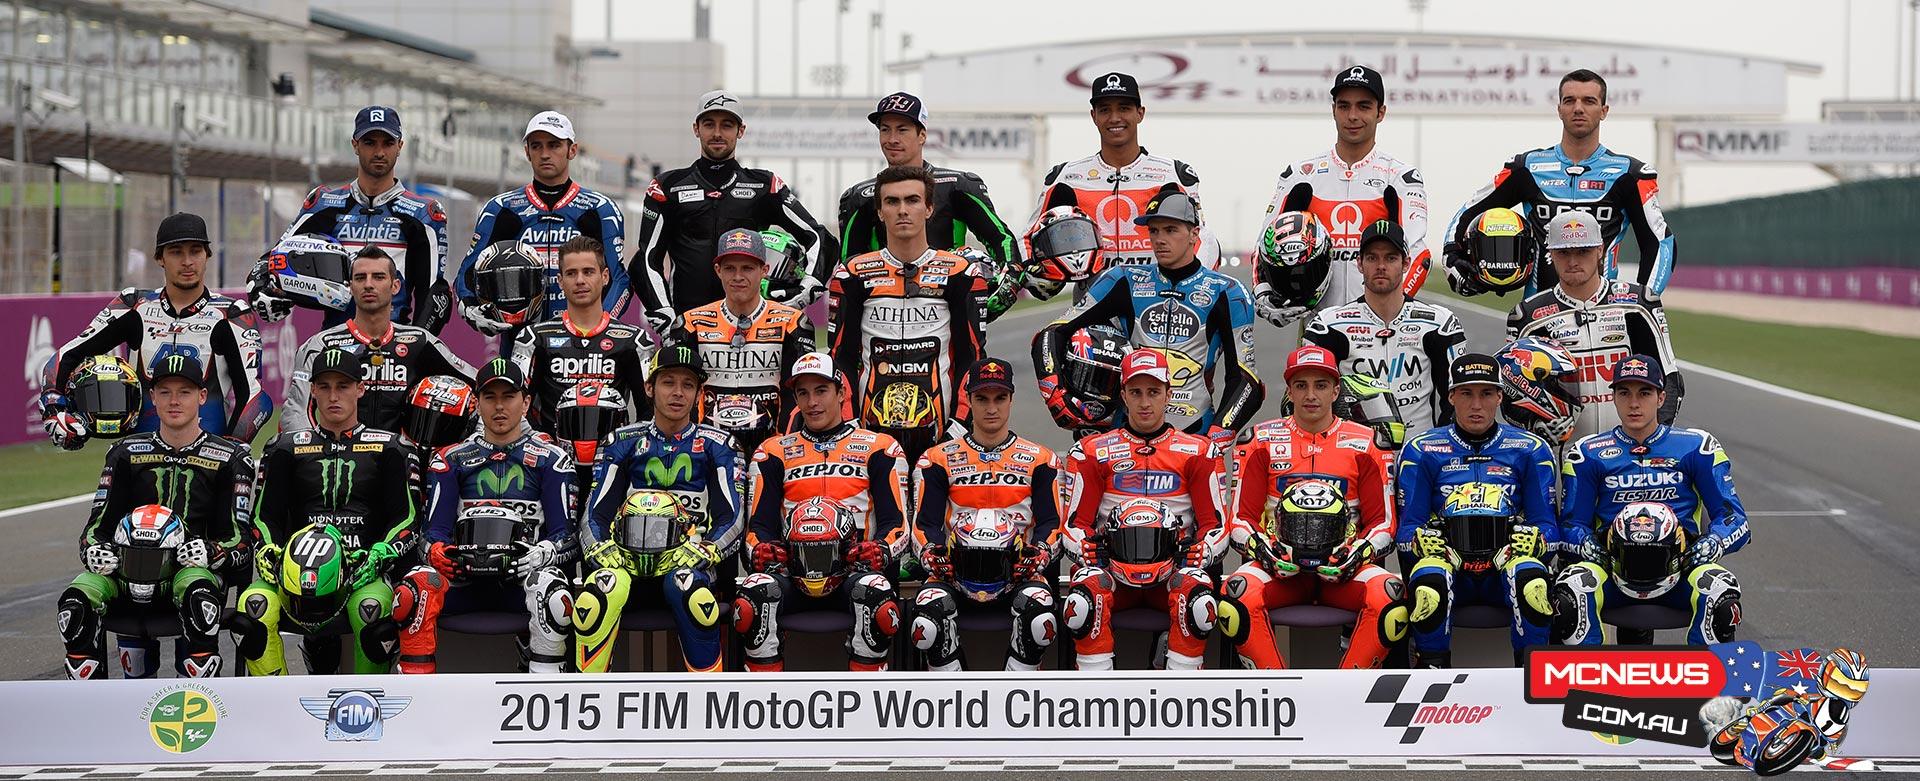 MotoGP Statistics update for Argentina | MCNews.com.au